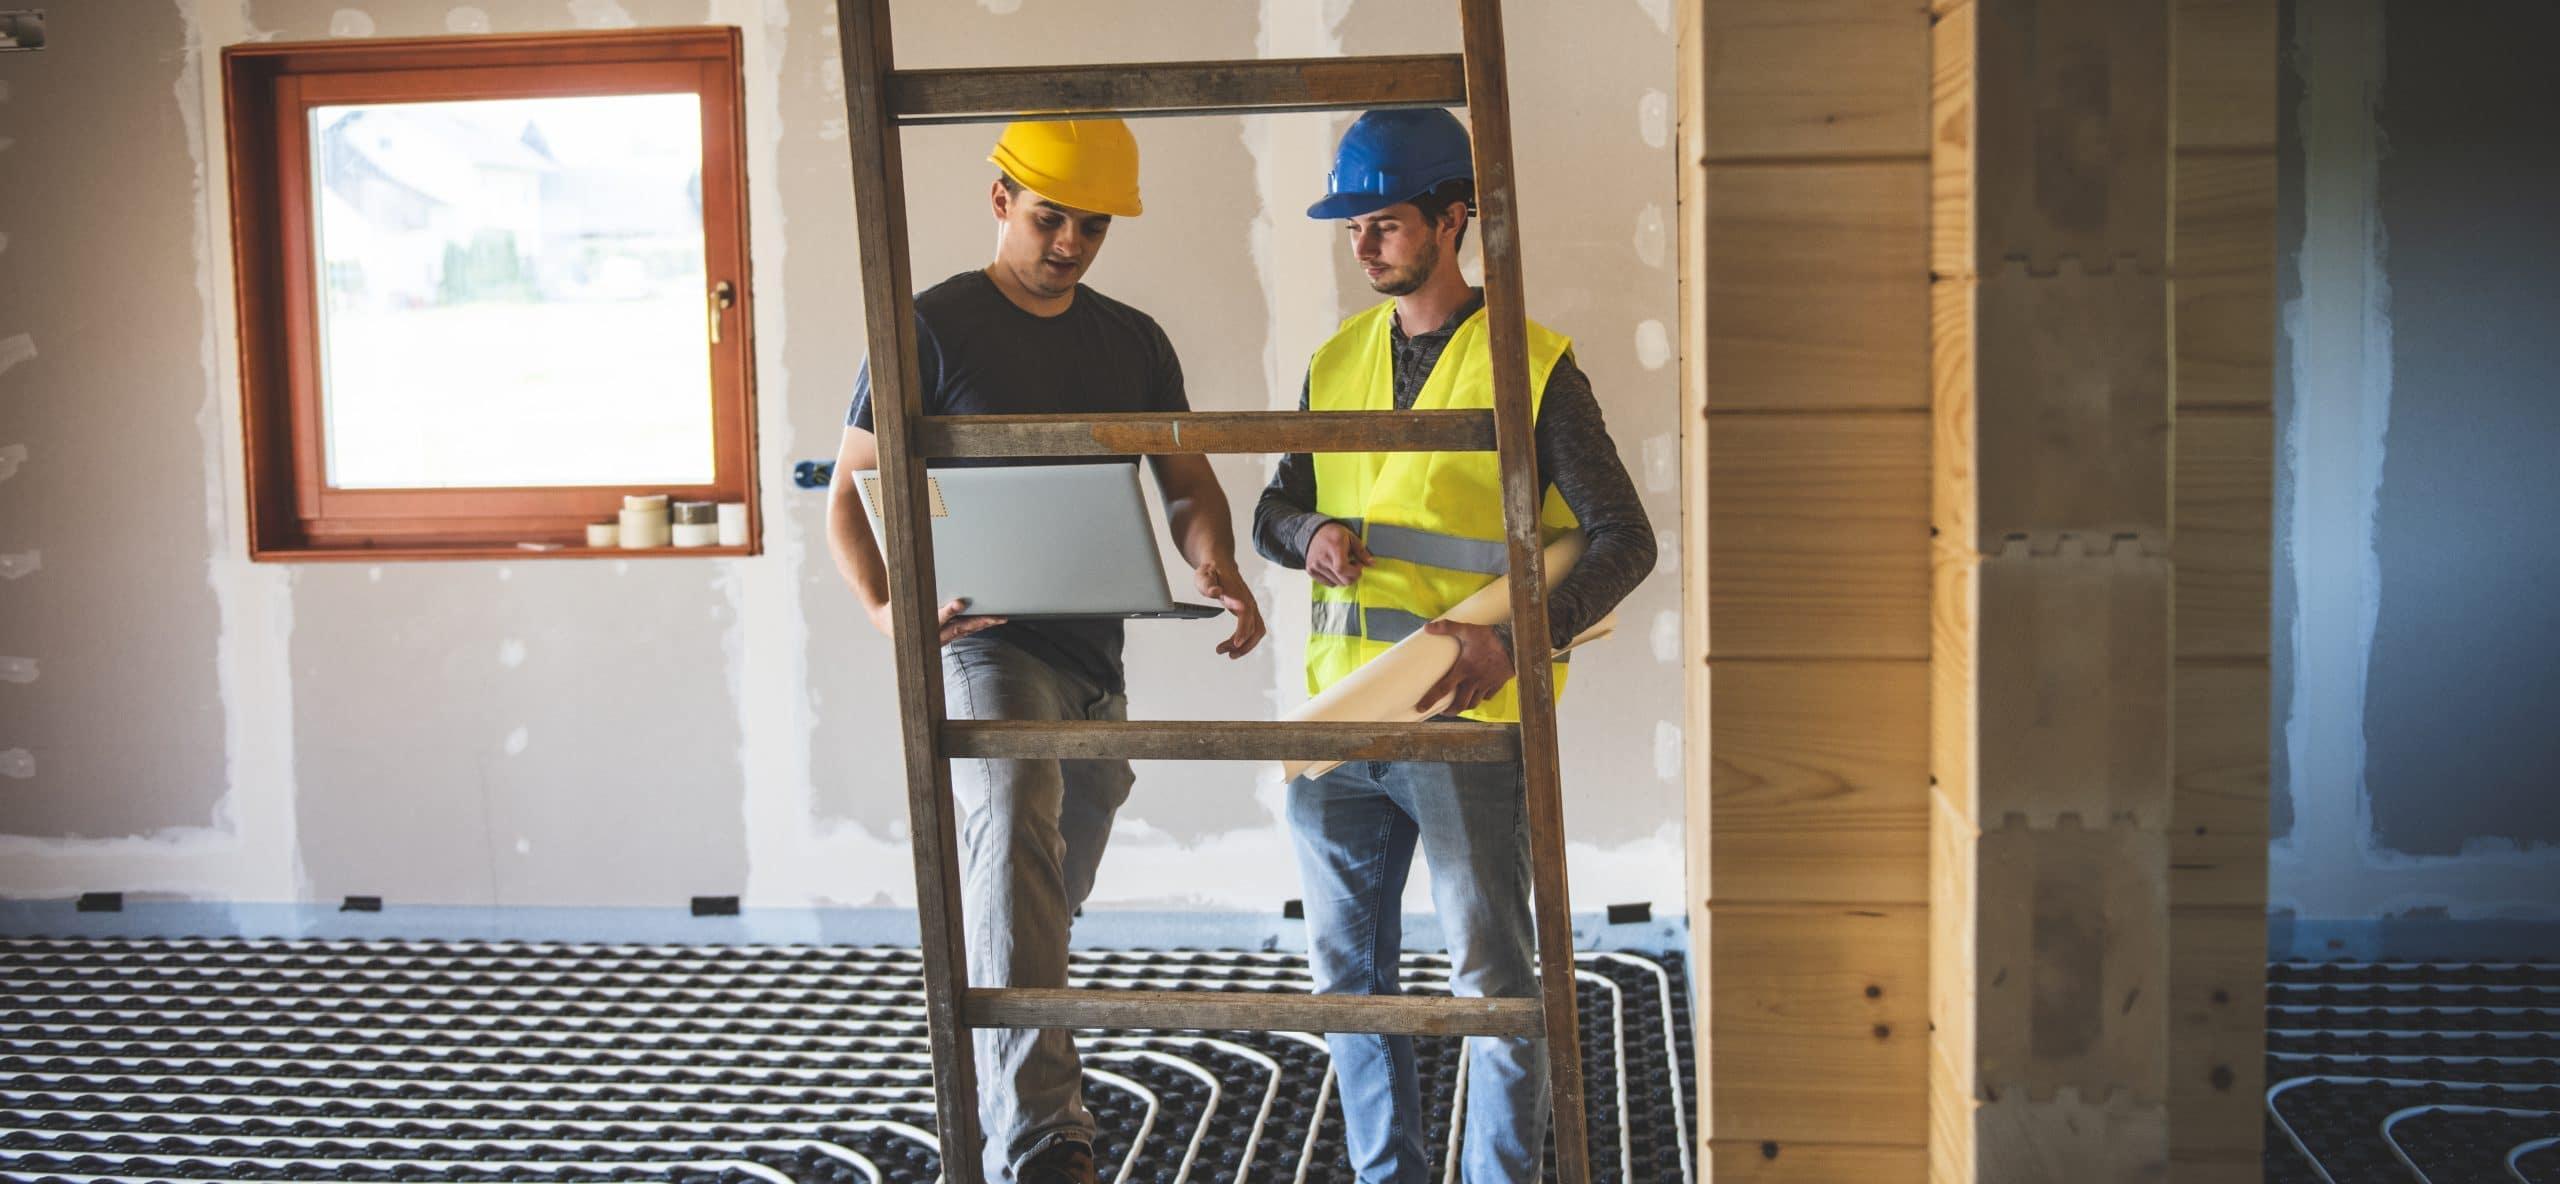 Professionnels du bâtiment sur un chantier